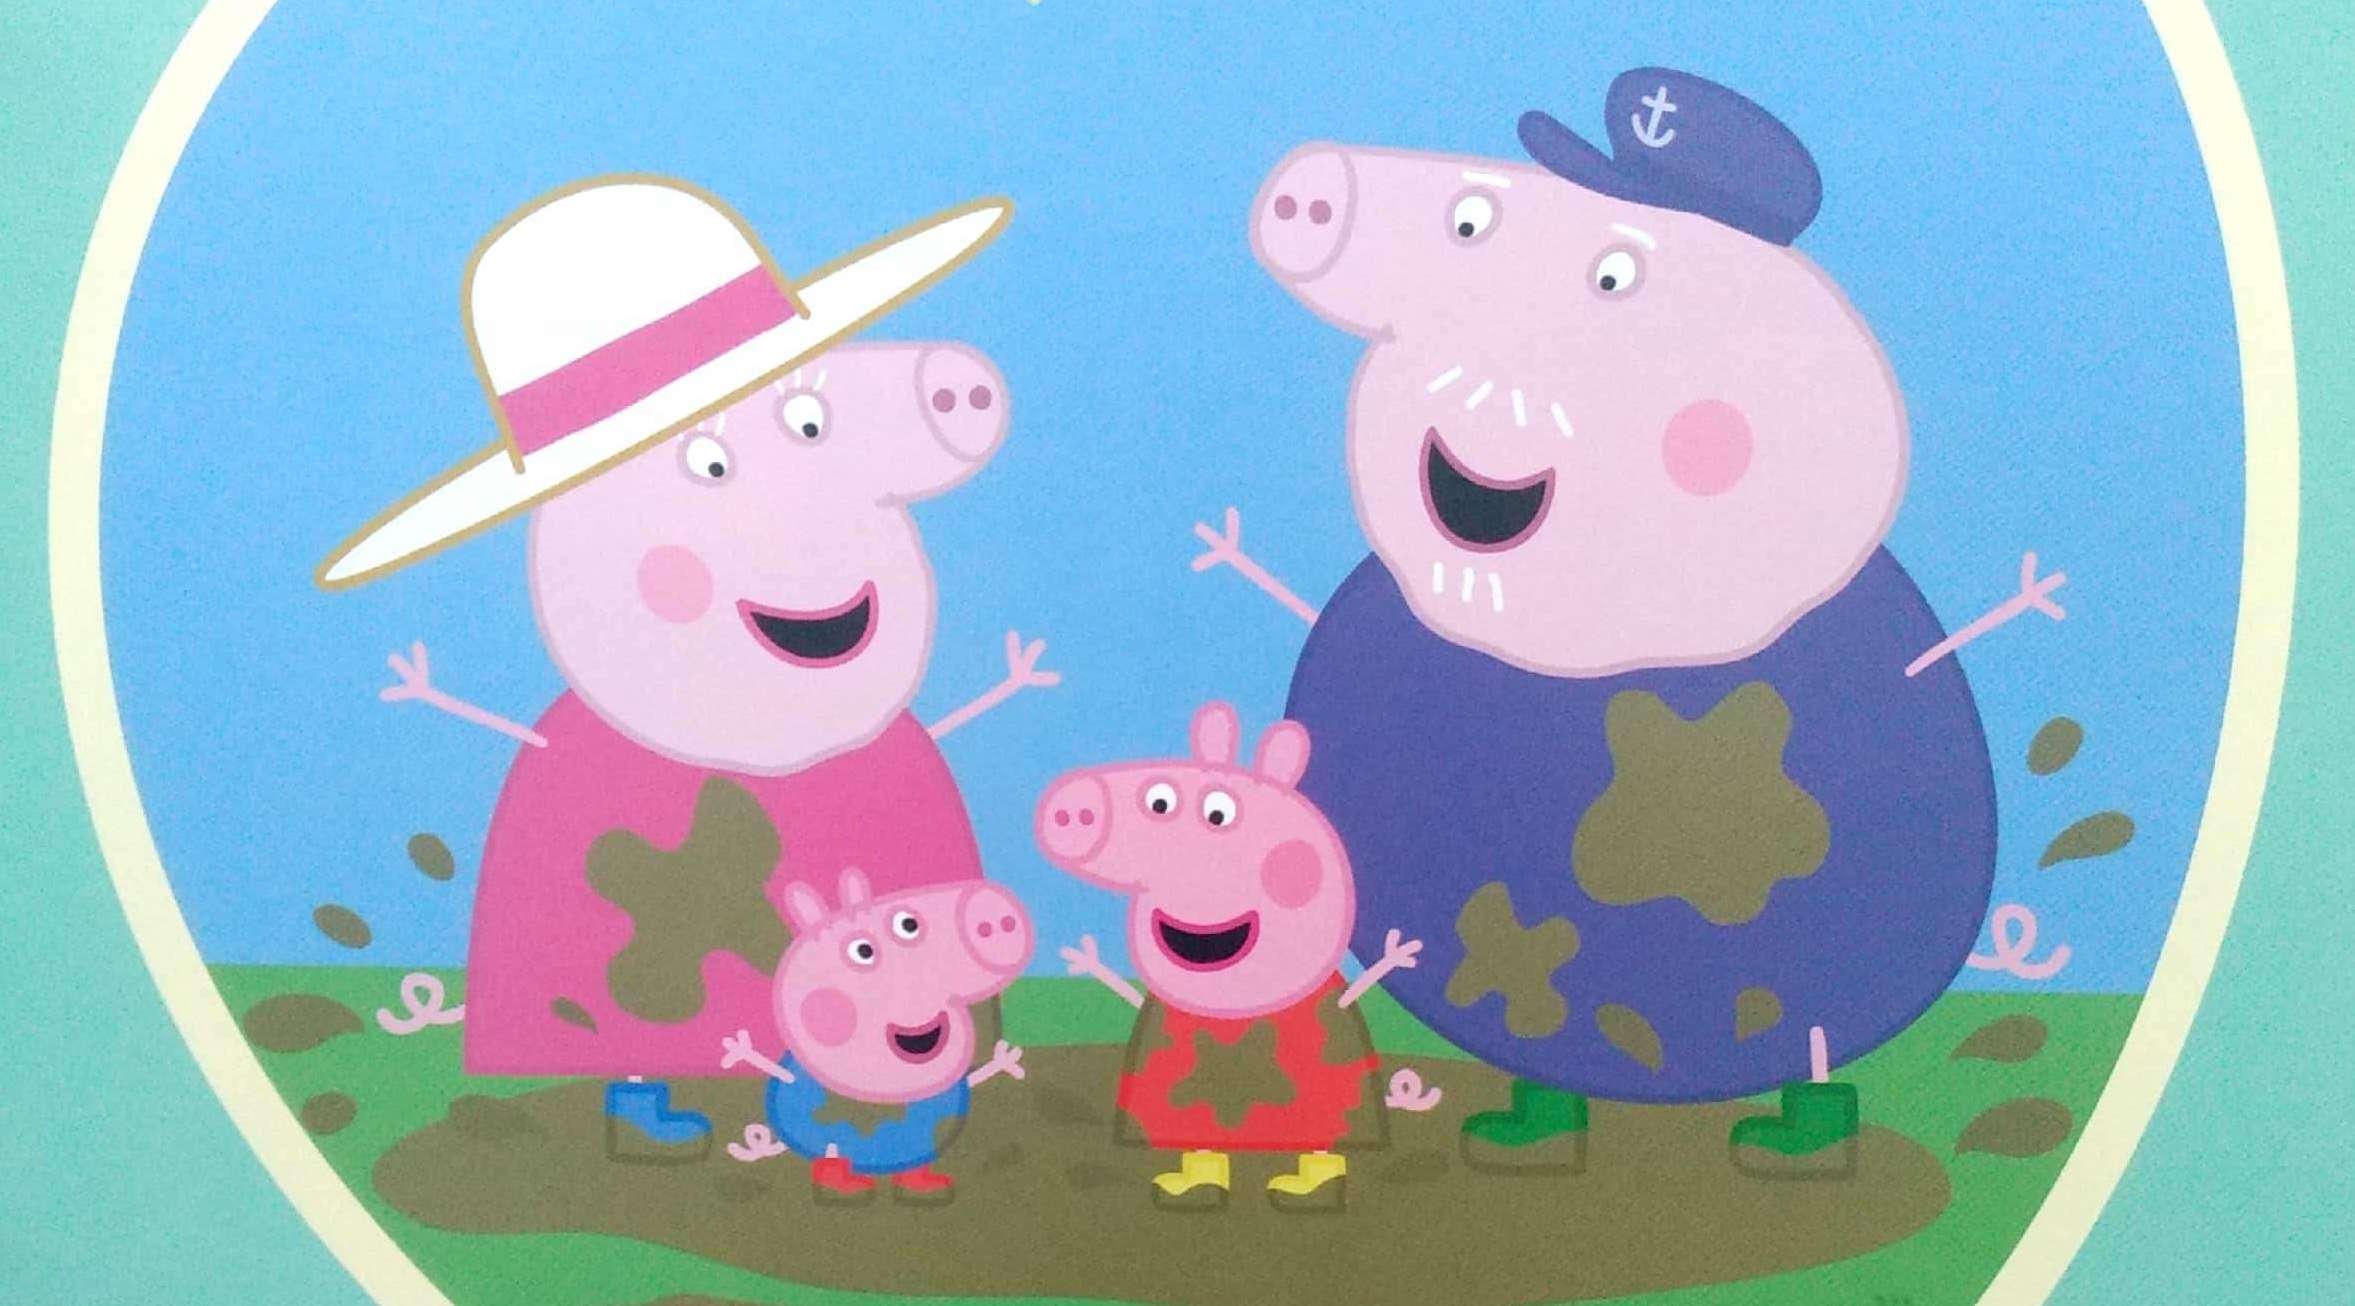 rodzina świnek tapla się w błocie